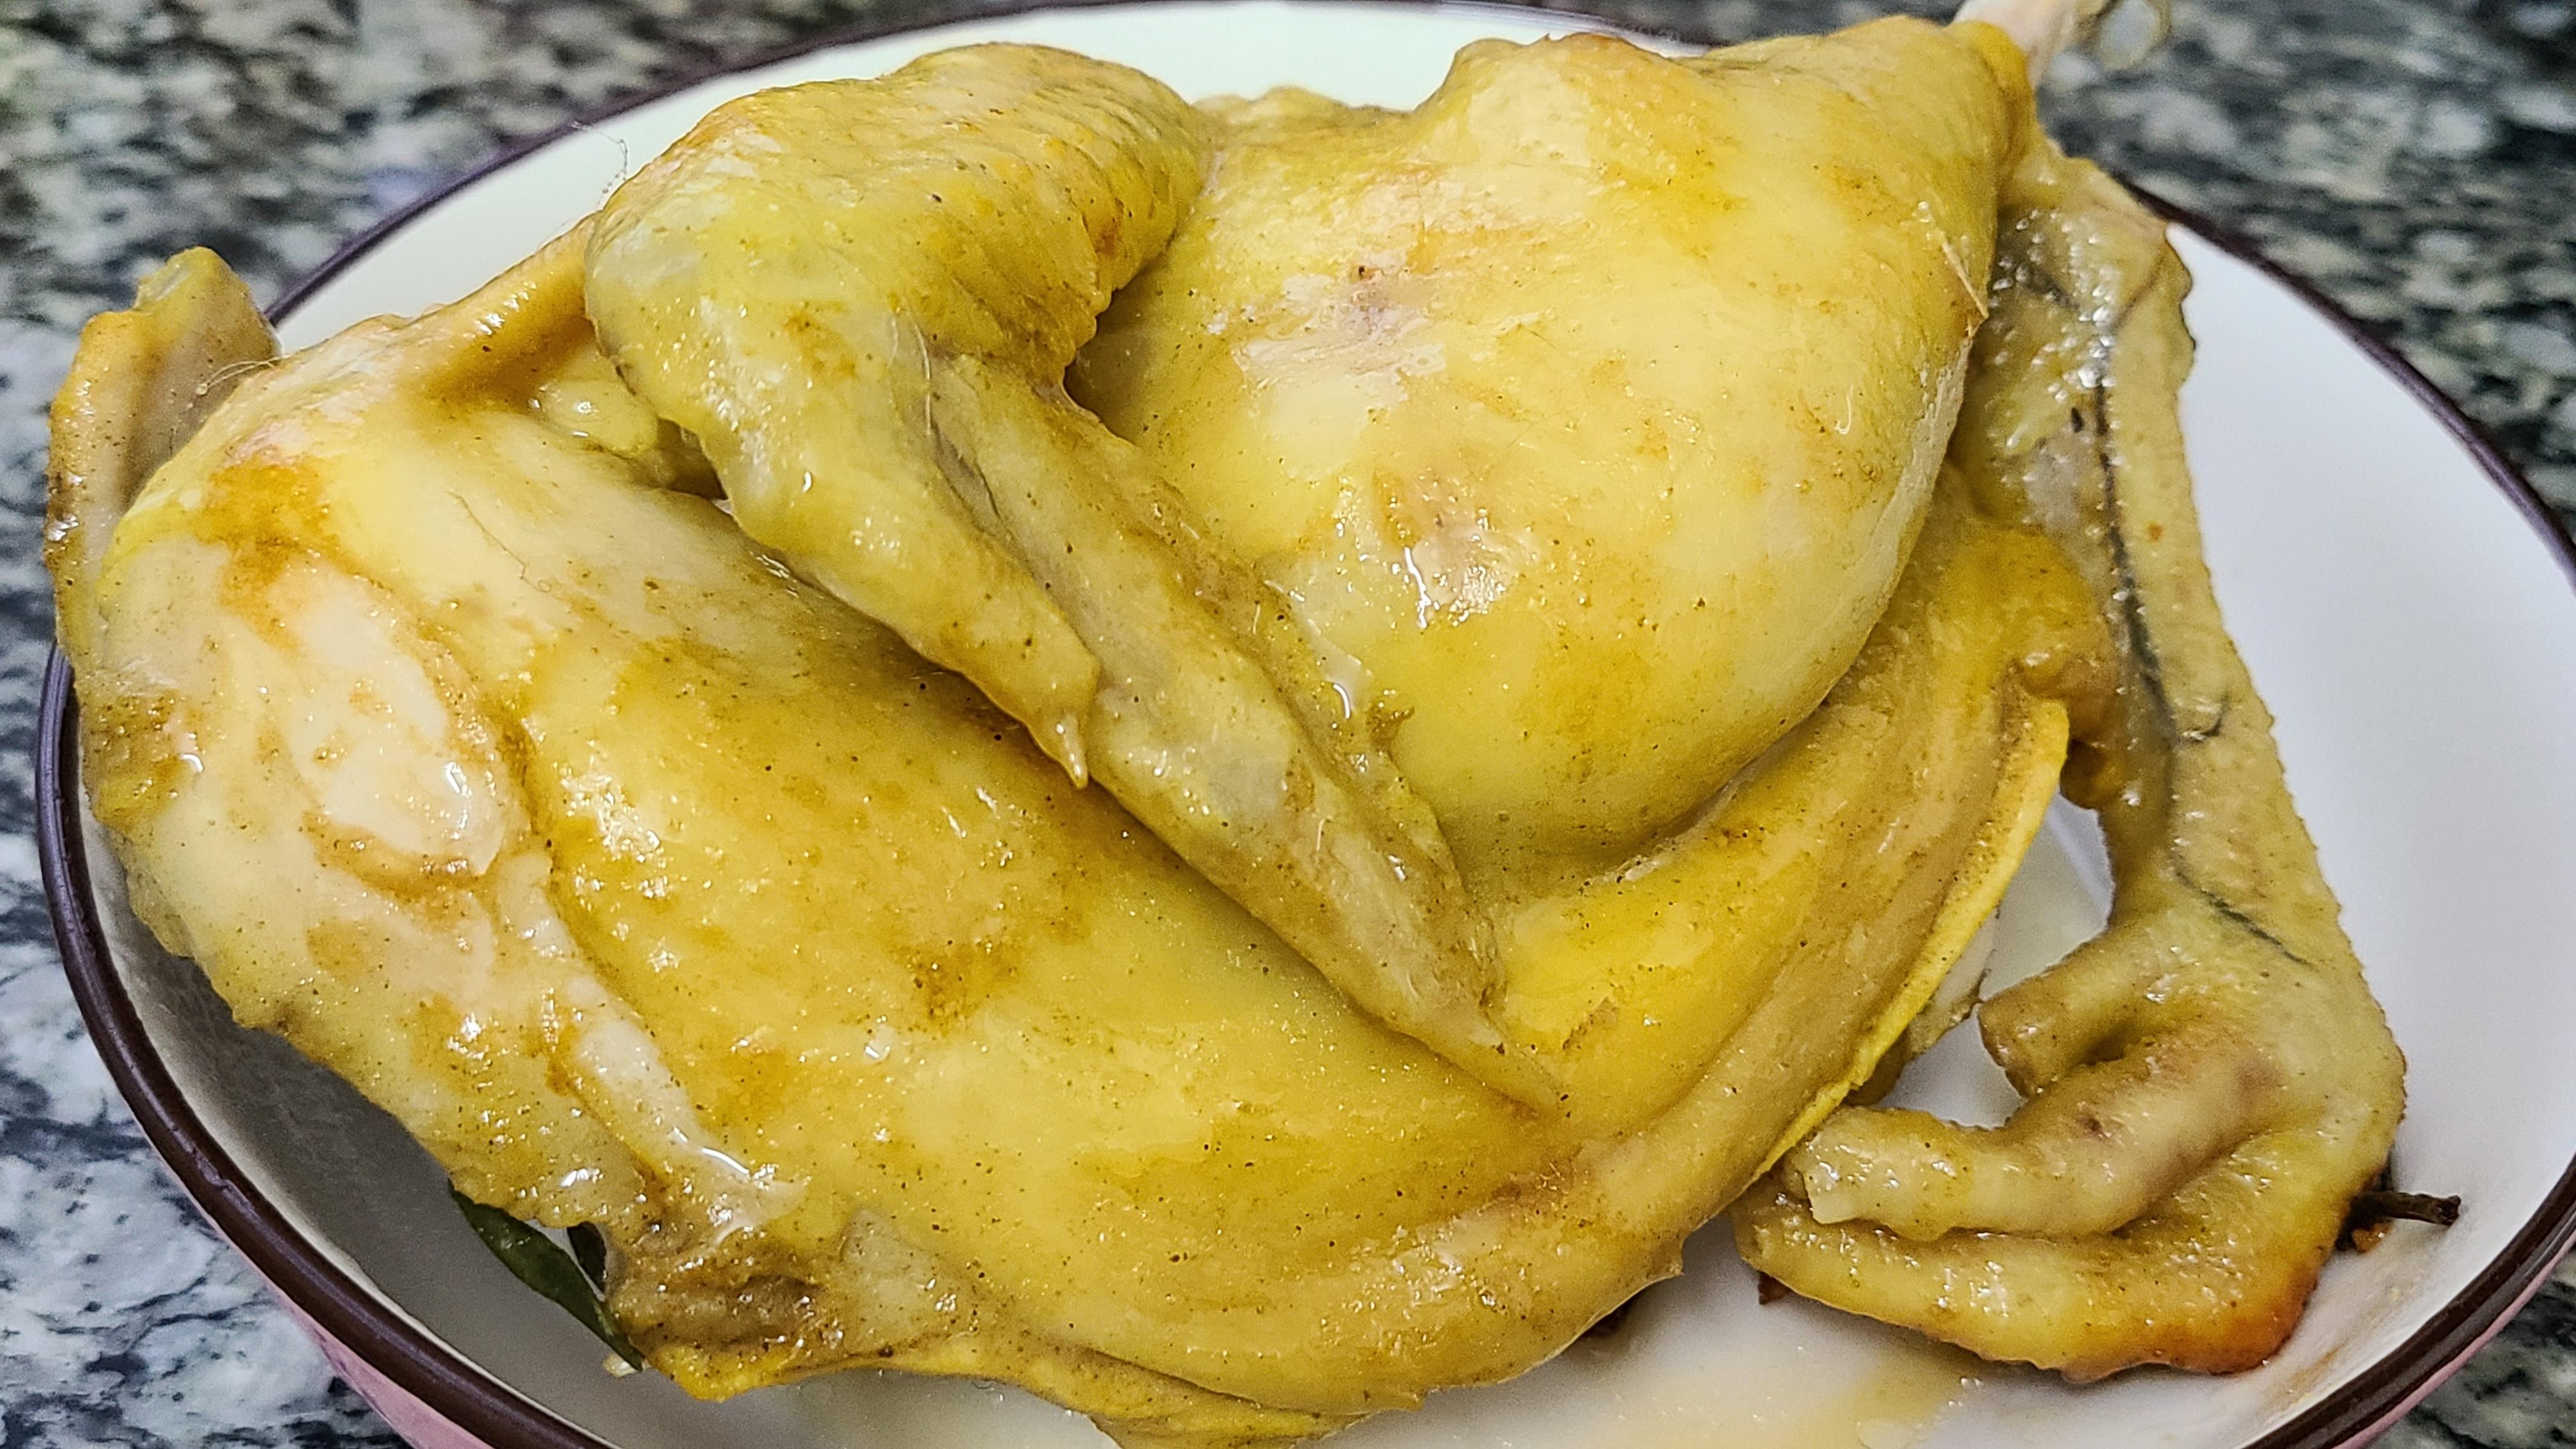 廣東電飯煲焗雞的做法,鮮香嫩滑又好吃,打開鍋蓋肚子都看餓了